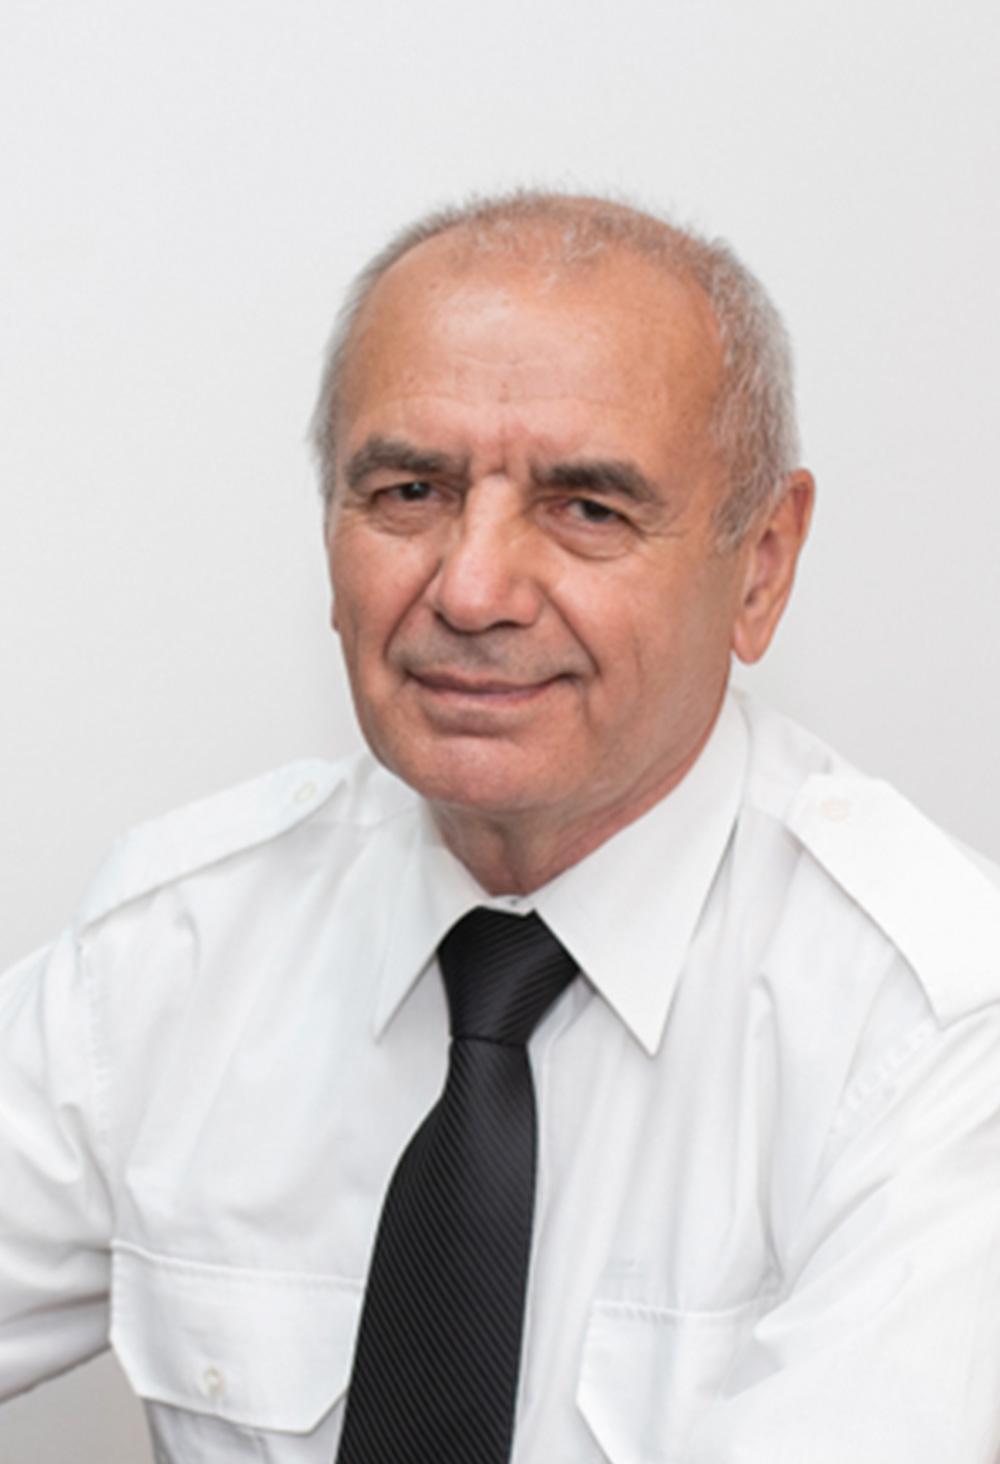 Viacheslav Lupik